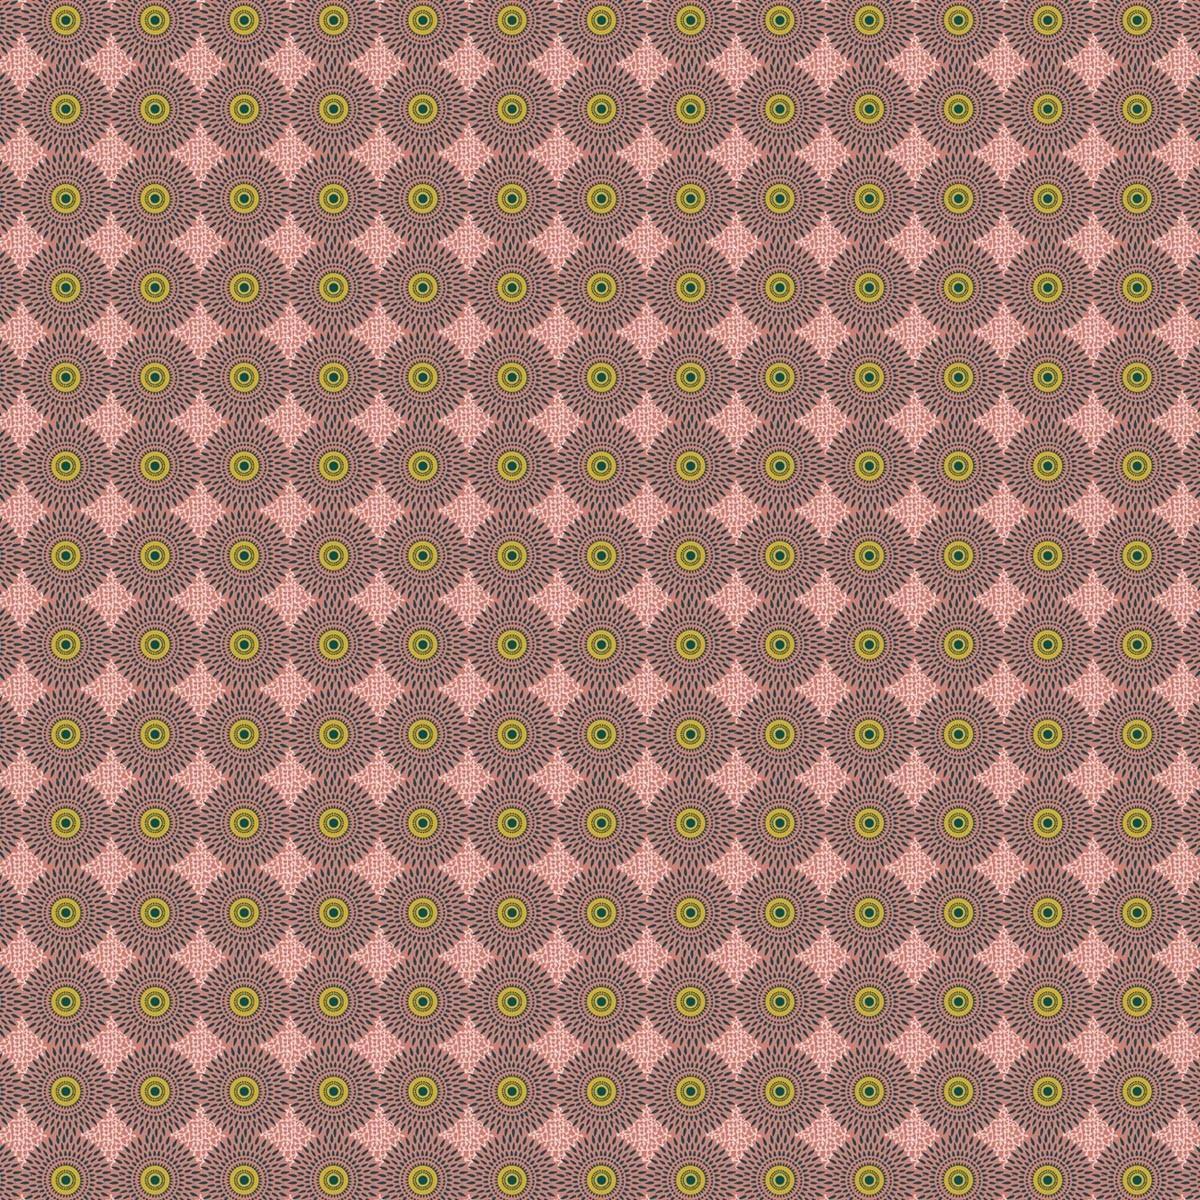 Toile de transat prête à poser imprimé fleuri rose